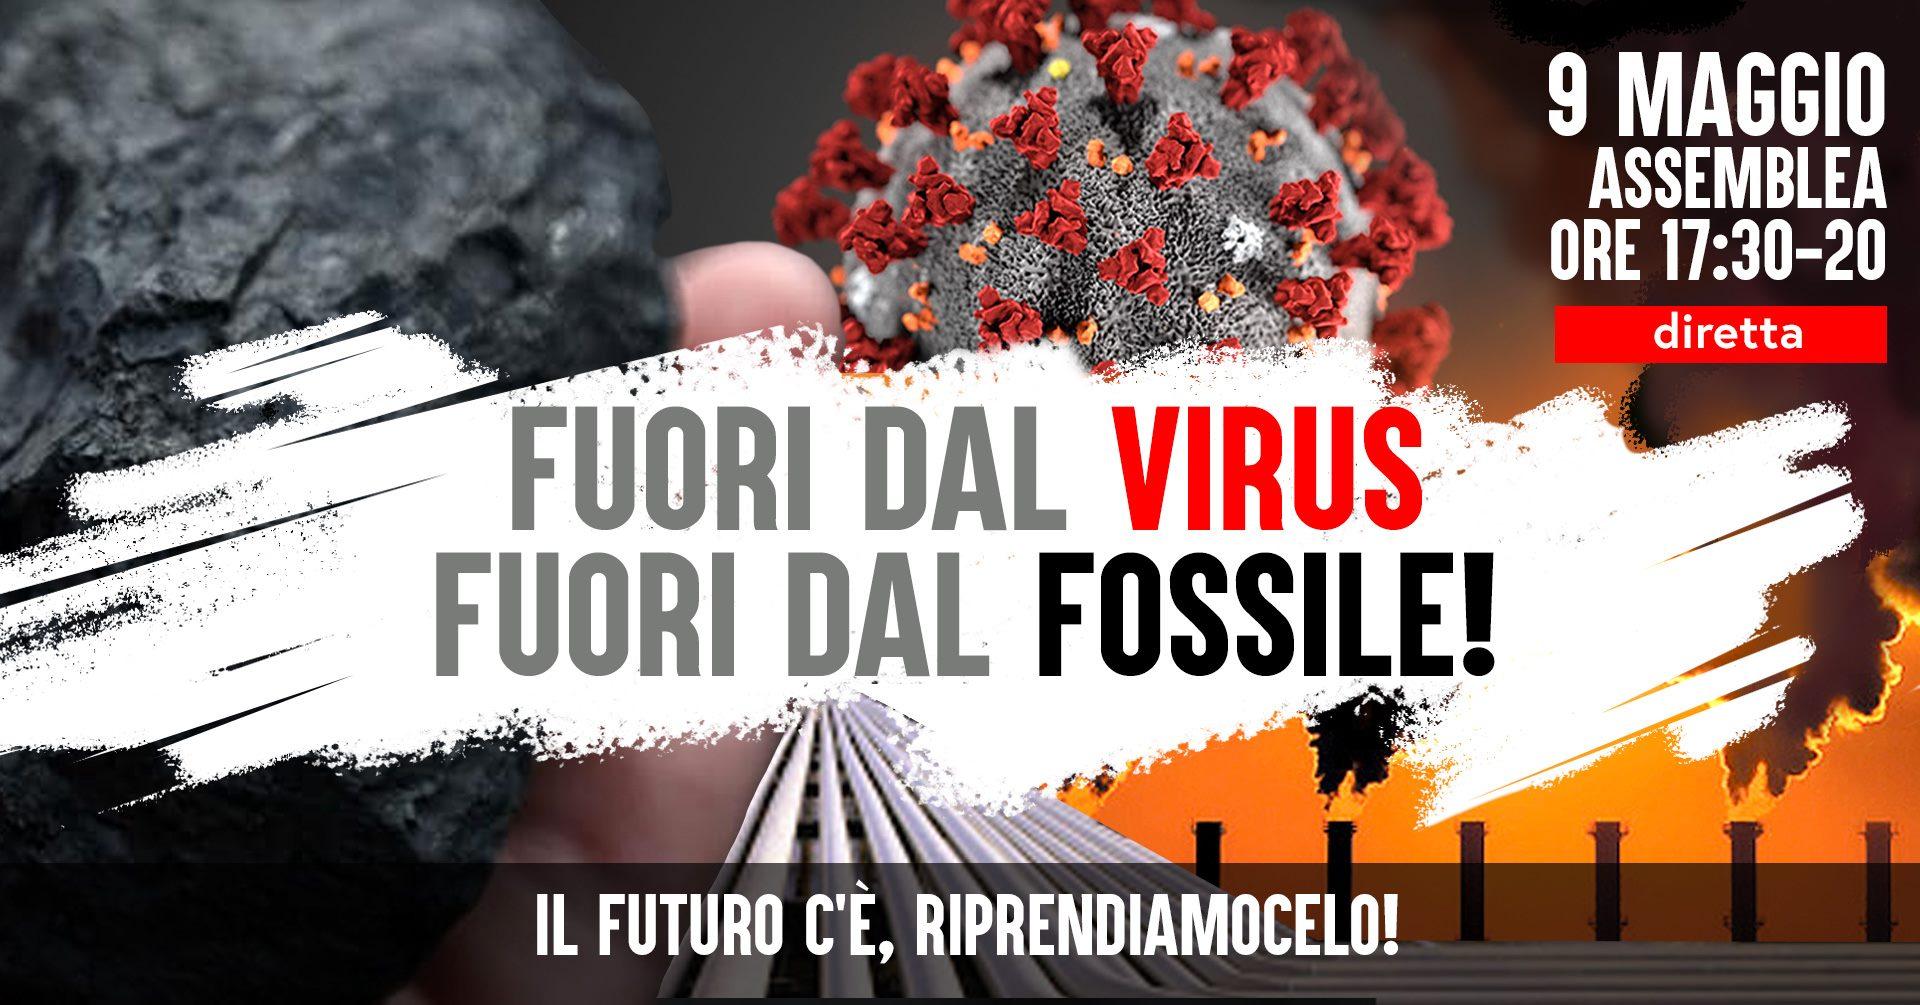 fuori_dal_virus_fuori_dal_fossile